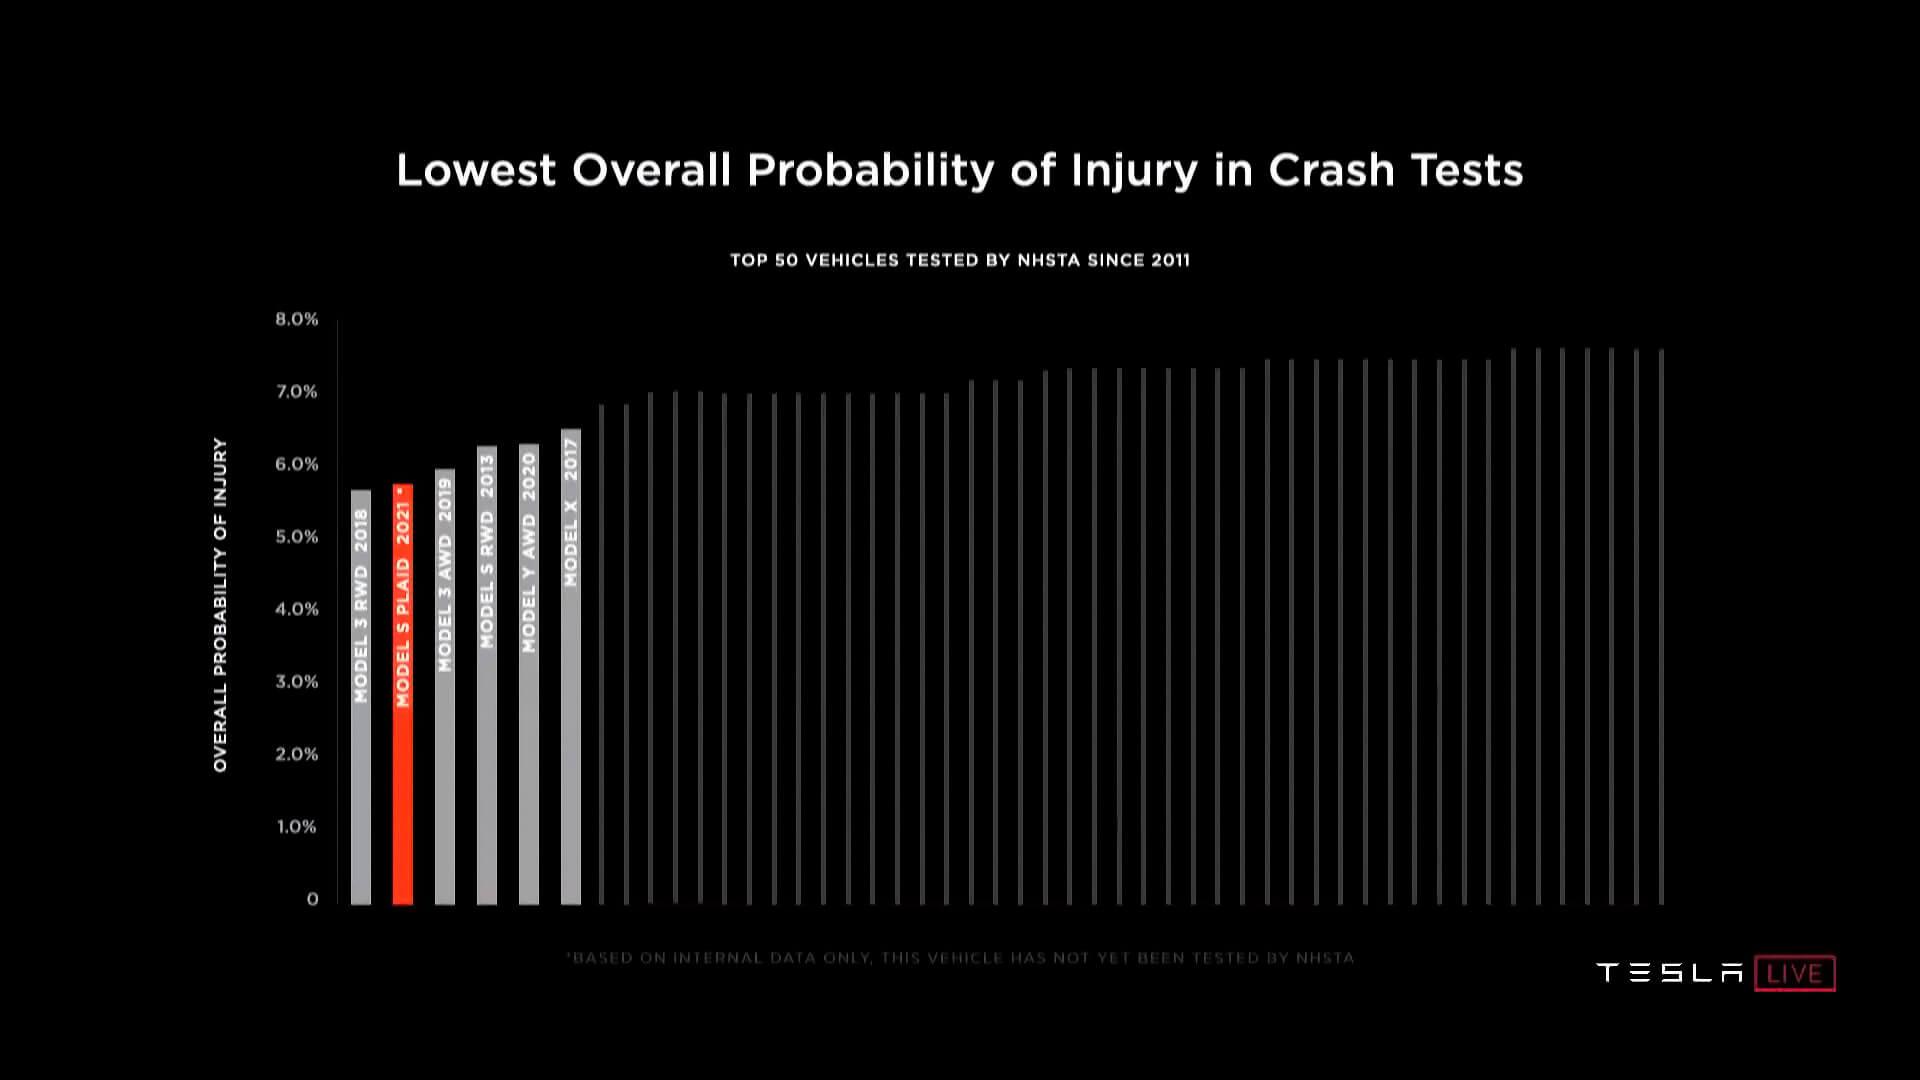 Tesla достигнет наименьшей вероятности травмы из всех автомобилей, когда-либо тестируемых с Model S Plaid